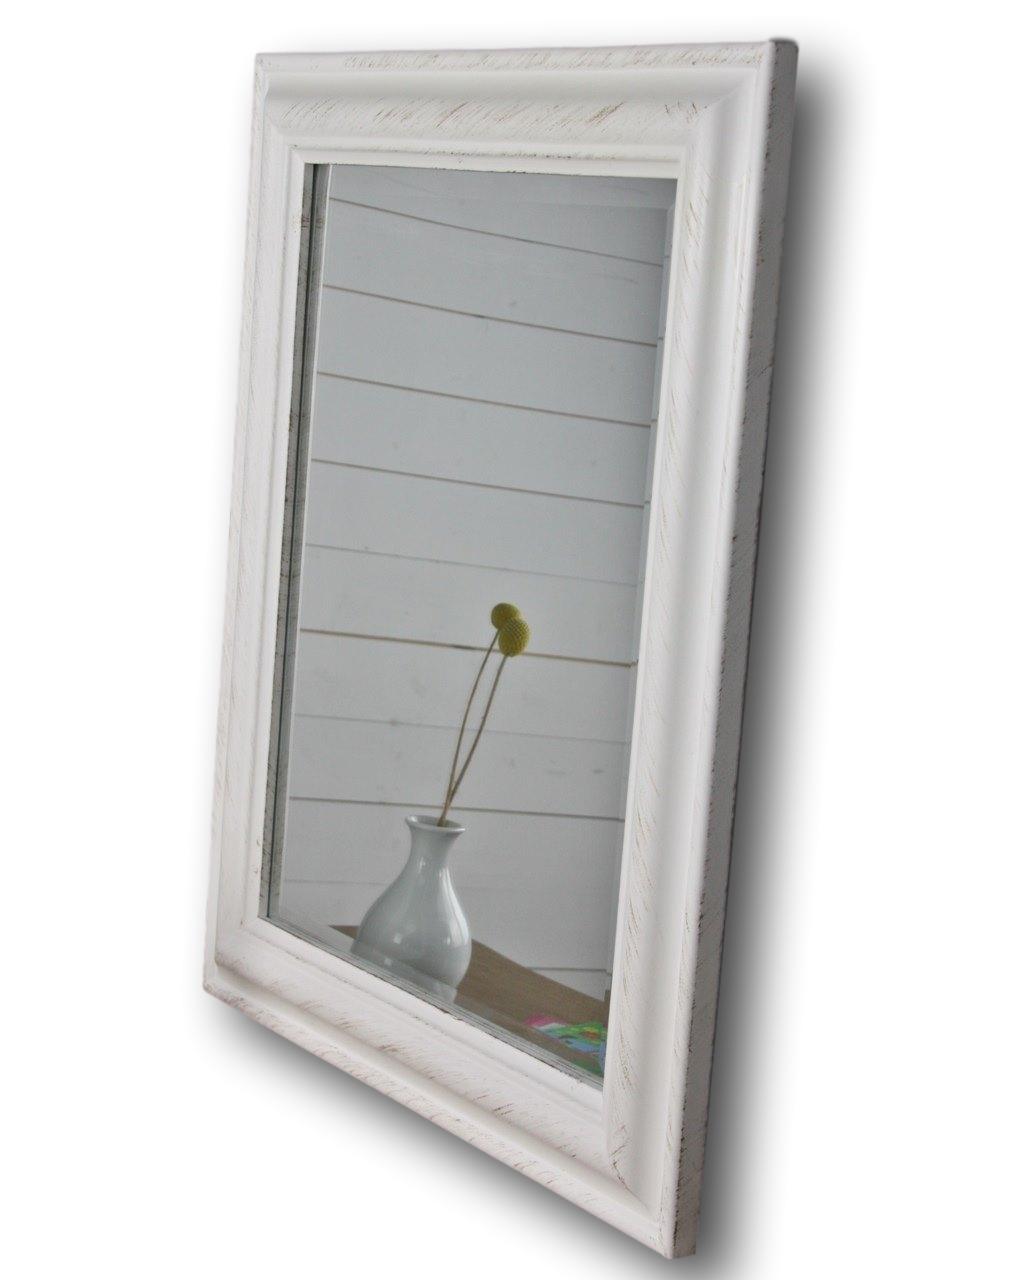 Spiegel 62 X 52cm Wandspiegel Schlicht Weiss Holz Landhaus Holzrahmen Badspiegel Ebay